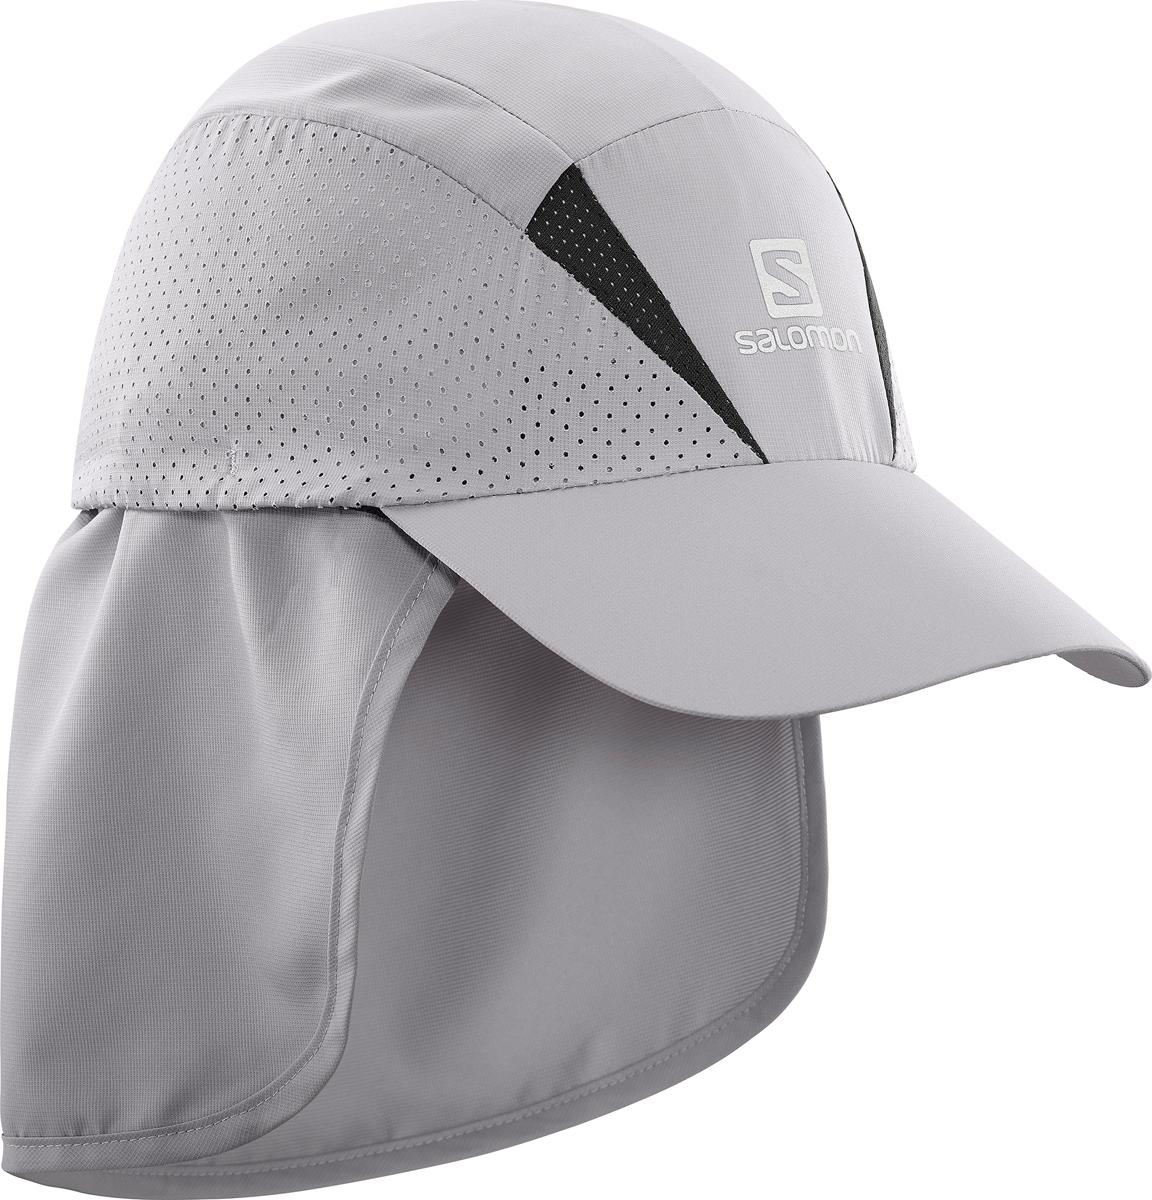 Бейсболка Salomon Cap Xa+, цвет: серый. L40048500. Размер L/XL (59)L40048500Бейсболка Salomon является отличным аксессуаром для занятий спортом. Удобная и практичная, она обеспечит вам надежную защиту от неблагоприятных погодных условий. Новый силуэт, легкая быстросохнущая бейсболка позволяет чувствовать комфорт во время бега. Дополнительная вентиляция для жарких условий. Изделие дополнено съемной вставкой для защиты шеи.